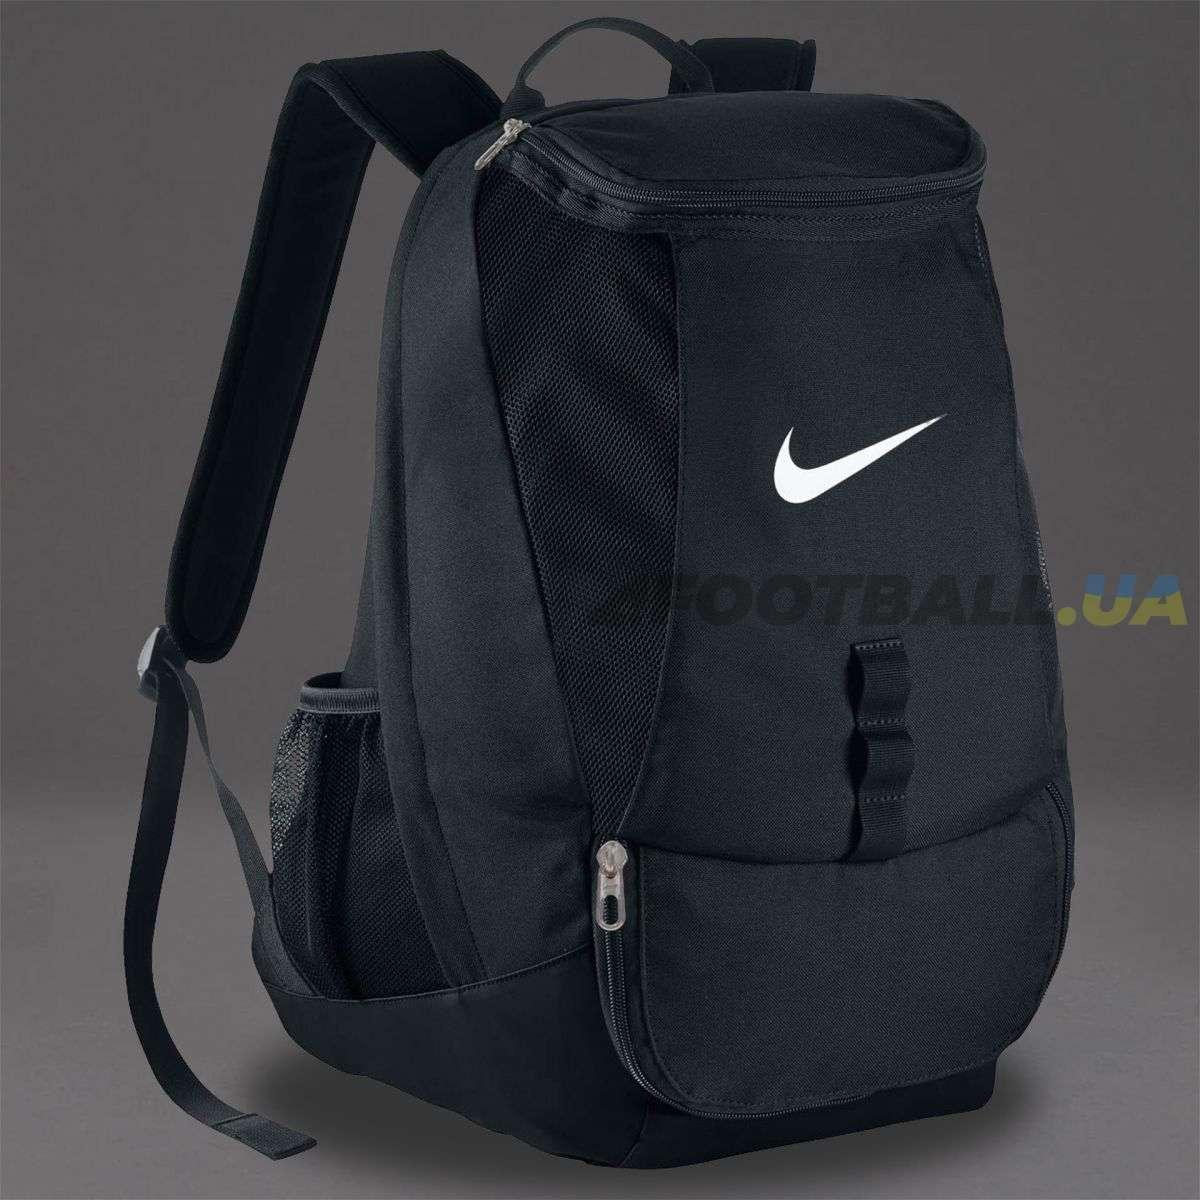 682613e5 Рюкзак футбольный NIKE CLUB TEAM BA5190-010 купить на 4football™ в ...